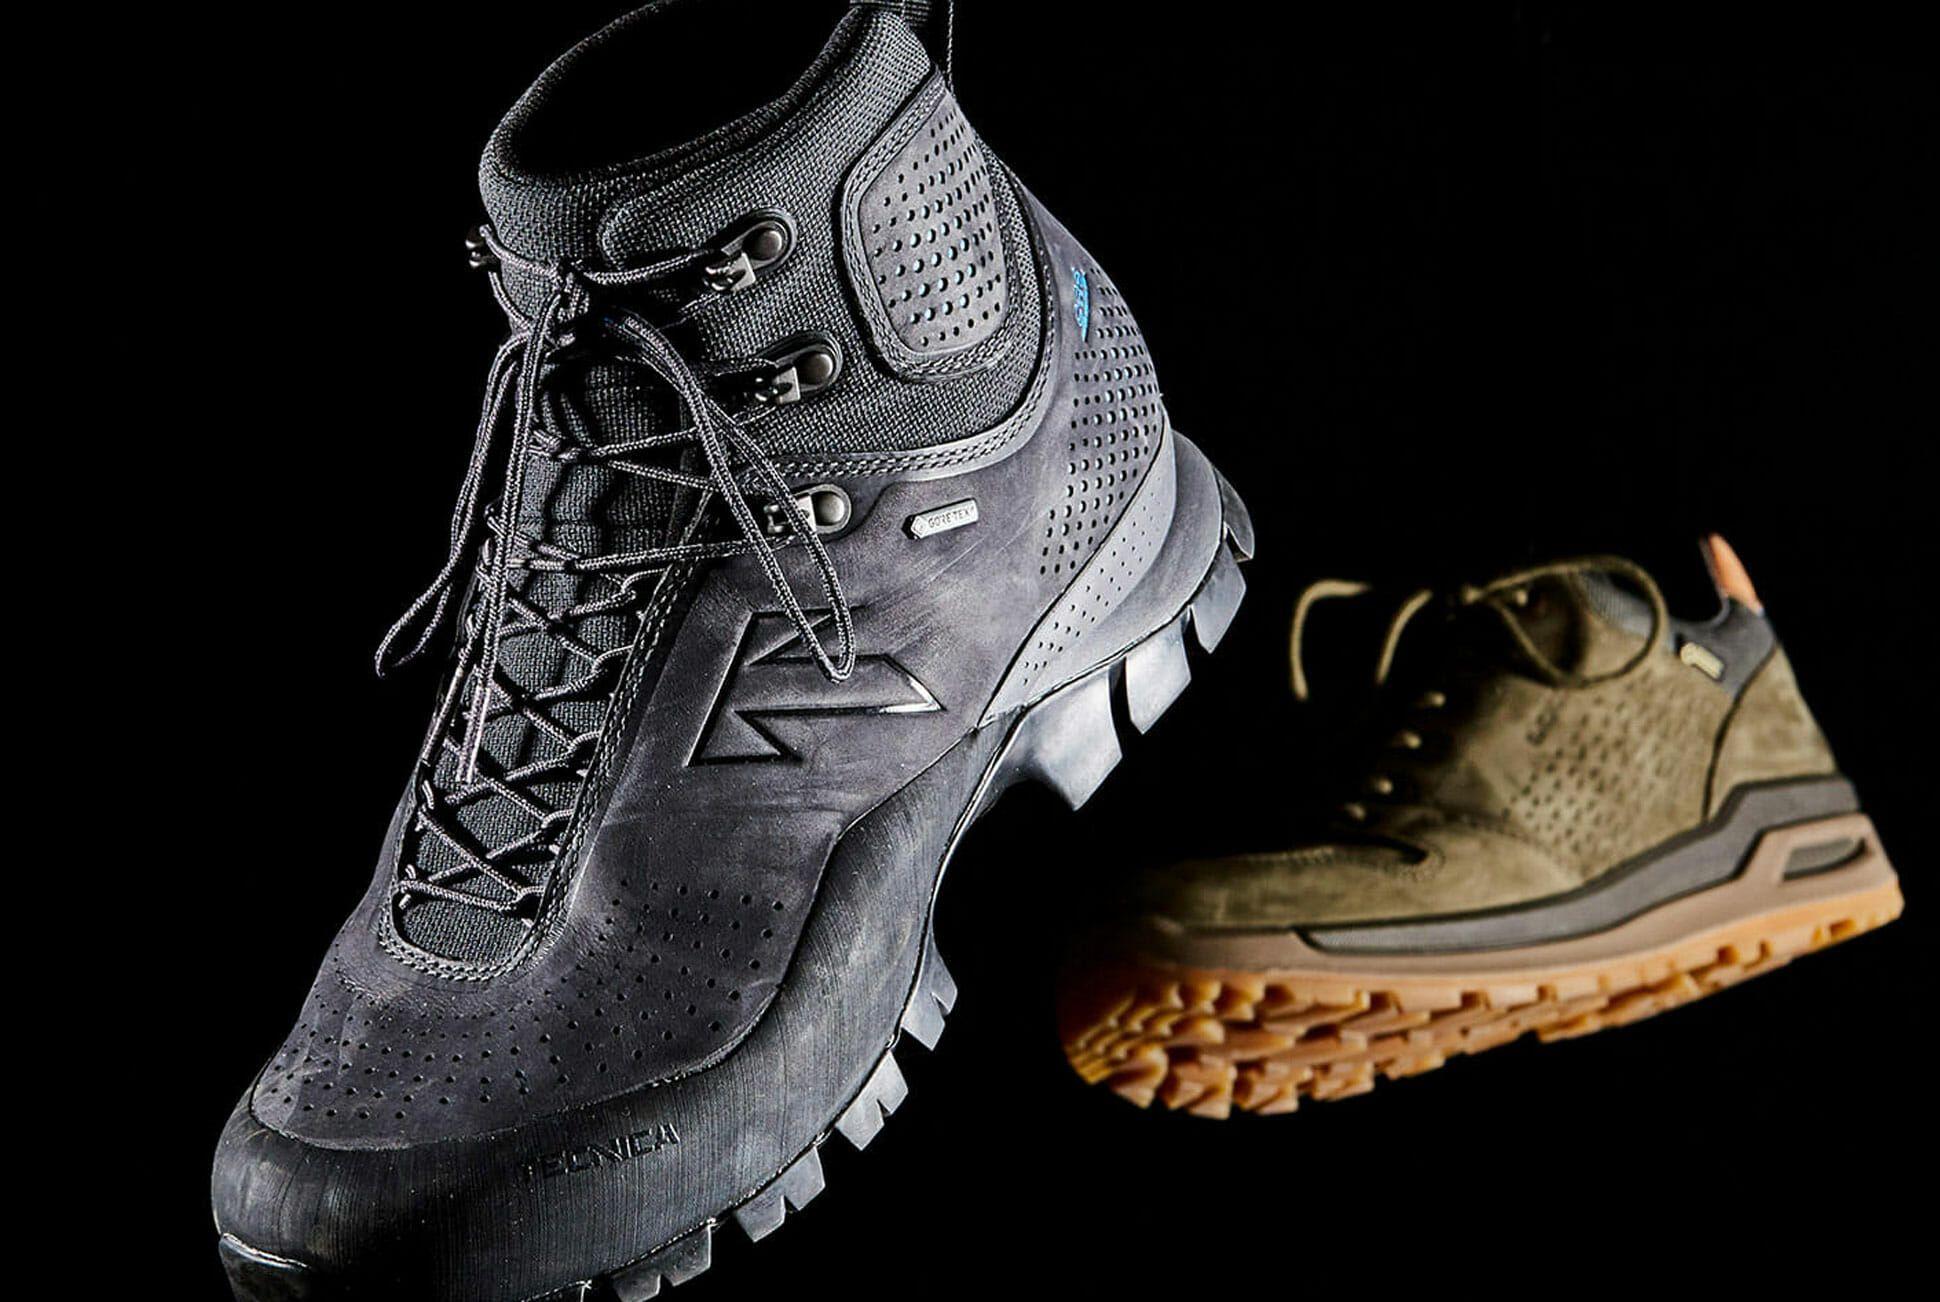 Womens Hiking Boots Mountain Climbing Sports Outdoor Waterproof Trekking Shoes